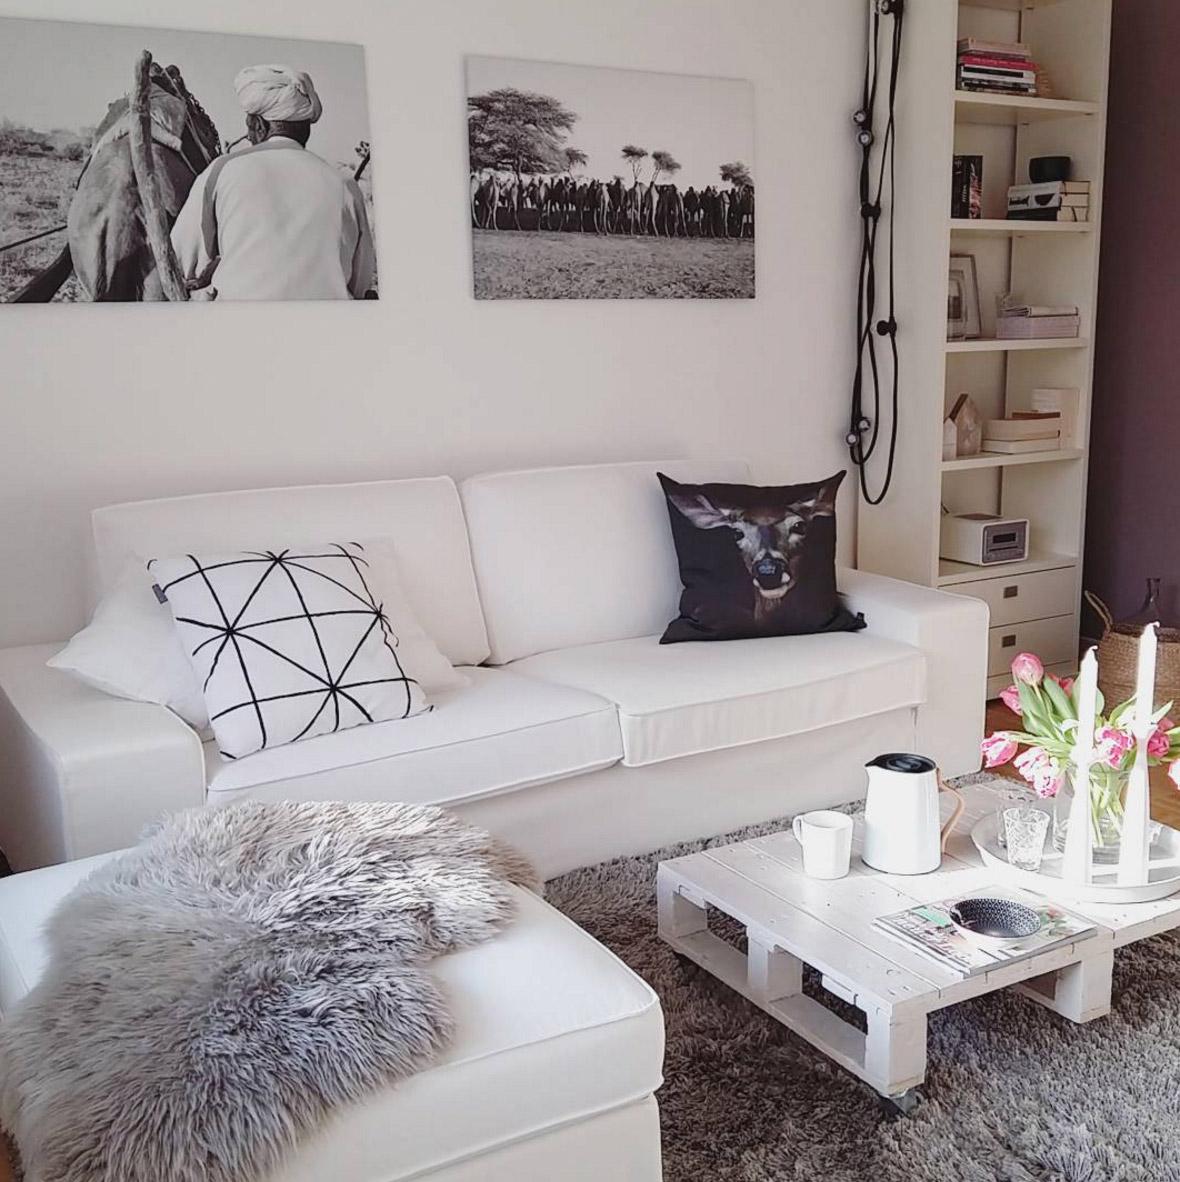 Full Size of Weißes Sofa Sofakonfetti Schne Sofas Von Bloggern Und Instagram Mit Boxen Husse Terassen Ektorp Ohne Lehne Kolonialstil 2 Sitzer Relaxfunktion Big Günstig Sofa Weißes Sofa